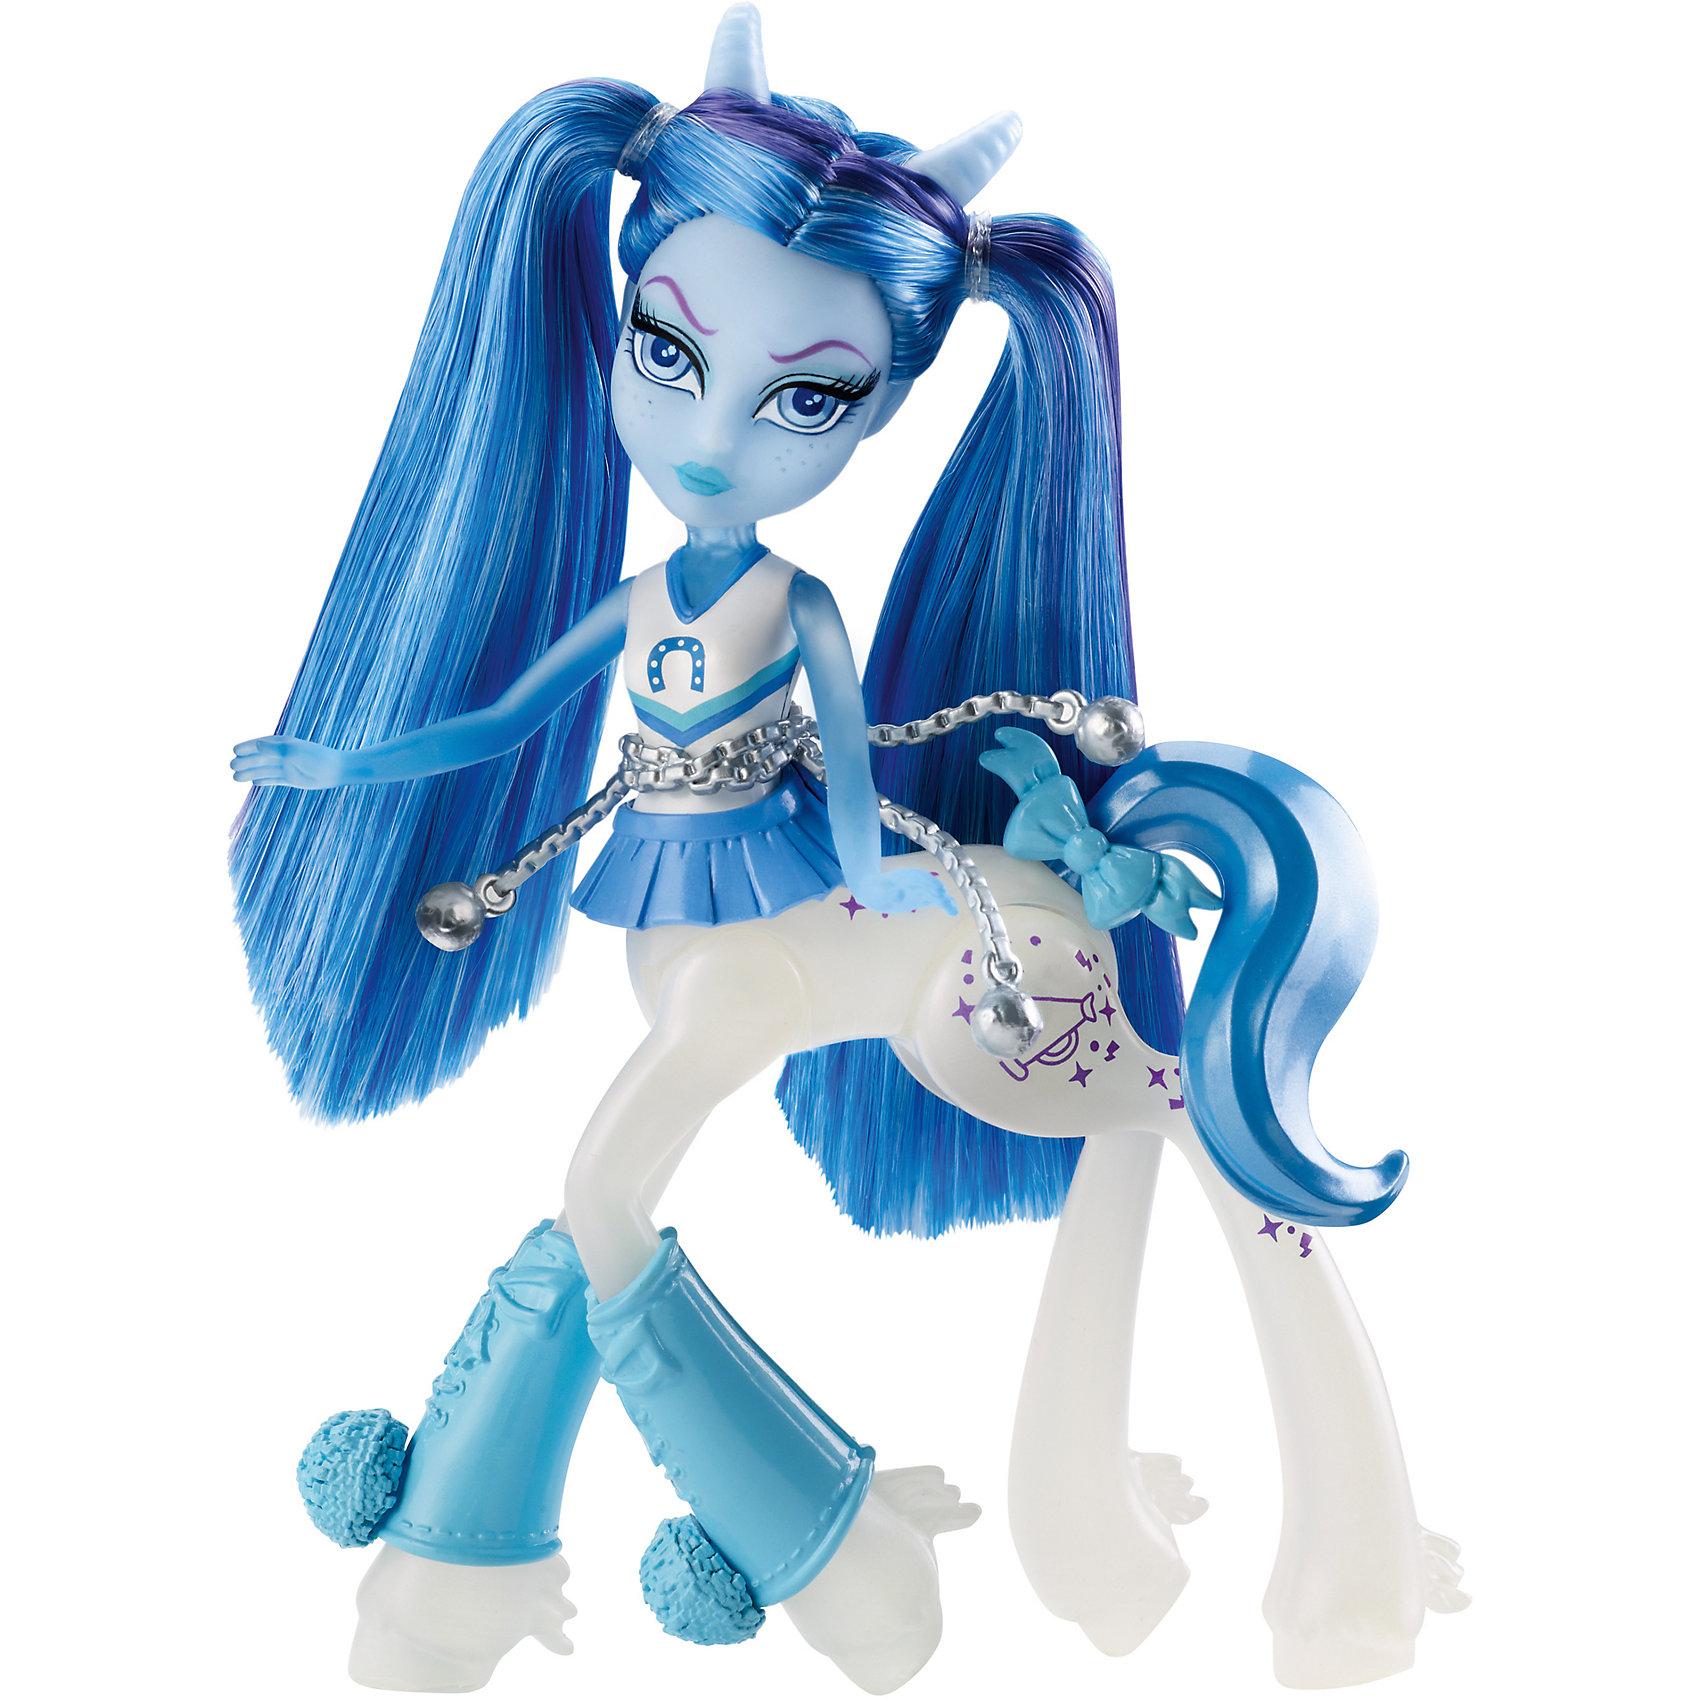 Кукла Скайра Баунсгейт, Fright-Mares, Monster HighПопулярные игрушки<br>Характеристики:<br><br>• Вид игр: сюжетно-ролевые, для коллекционирования<br>• Пол: для девочки<br>• Серия: Мини-кентавры (Monster High Fright-Mares Fawtine Fallowhart Doll)<br>• Материал: пластик, полимер<br>• Цвет: белый, голубой<br>• Высота куклы: 14,5 см<br>• Подвижные части тела<br>• Наличие украшение для хвоста, ног, талии<br>• Тип упаковки: картонная коробка<br>• Размеры упаковки (Д*Ш*В): 21*17*6 см<br>• Вес: 150 г<br><br>Кукла Скайра Баунсгейт, Fright-Mares, Monster High – это мини-кукла новой серии от Mattel, которые предстают в новом образе – наполовину кентавров и наполовину монстров. У каждой мини-куклы свой уникальный стиль и внешний вид.  Фаунтин Фэллоухарт – это лошадка-привидение с длинными голубыми волосами и сиреневыми прядями. На ней спортивная форма, выполненная в цветах школы, на талии имеется пояс из цепей, хвостик украшен маленьким бантиков. На голове имеются маленькие серебристые рожки. Все элементы куклы выполнены из безопасного и нетоксичного пластика и полимера, в туловище имеется шарнир, который позволяет поворачивать корпус куклы в разные сторона. Голова и руки – подвижные. <br><br>Куклу Скайру Баунсгейт, Fright-Mares, Monster High можно купить в нашем интернет-магазине.<br><br>Ширина мм: 205<br>Глубина мм: 60<br>Высота мм: 165<br>Вес г: 210<br>Возраст от месяцев: 72<br>Возраст до месяцев: 144<br>Пол: Женский<br>Возраст: Детский<br>SKU: 5147886